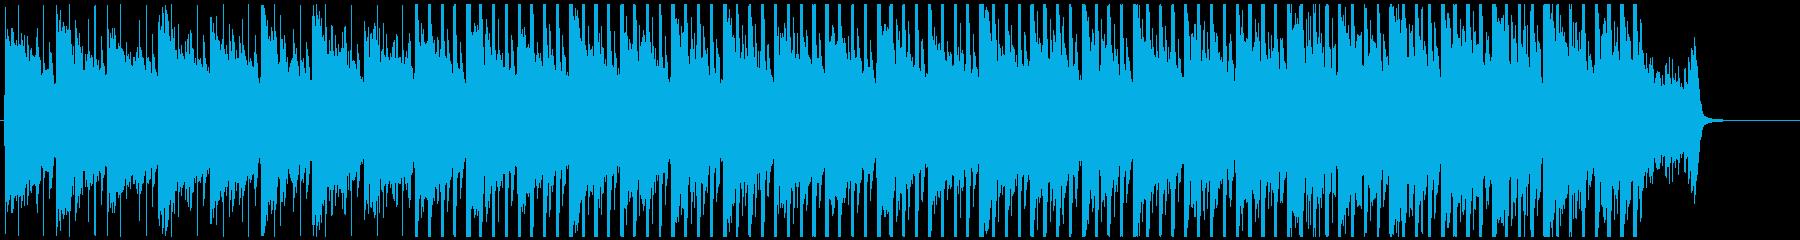 感動的な明るく優しいピアノハウスMの再生済みの波形